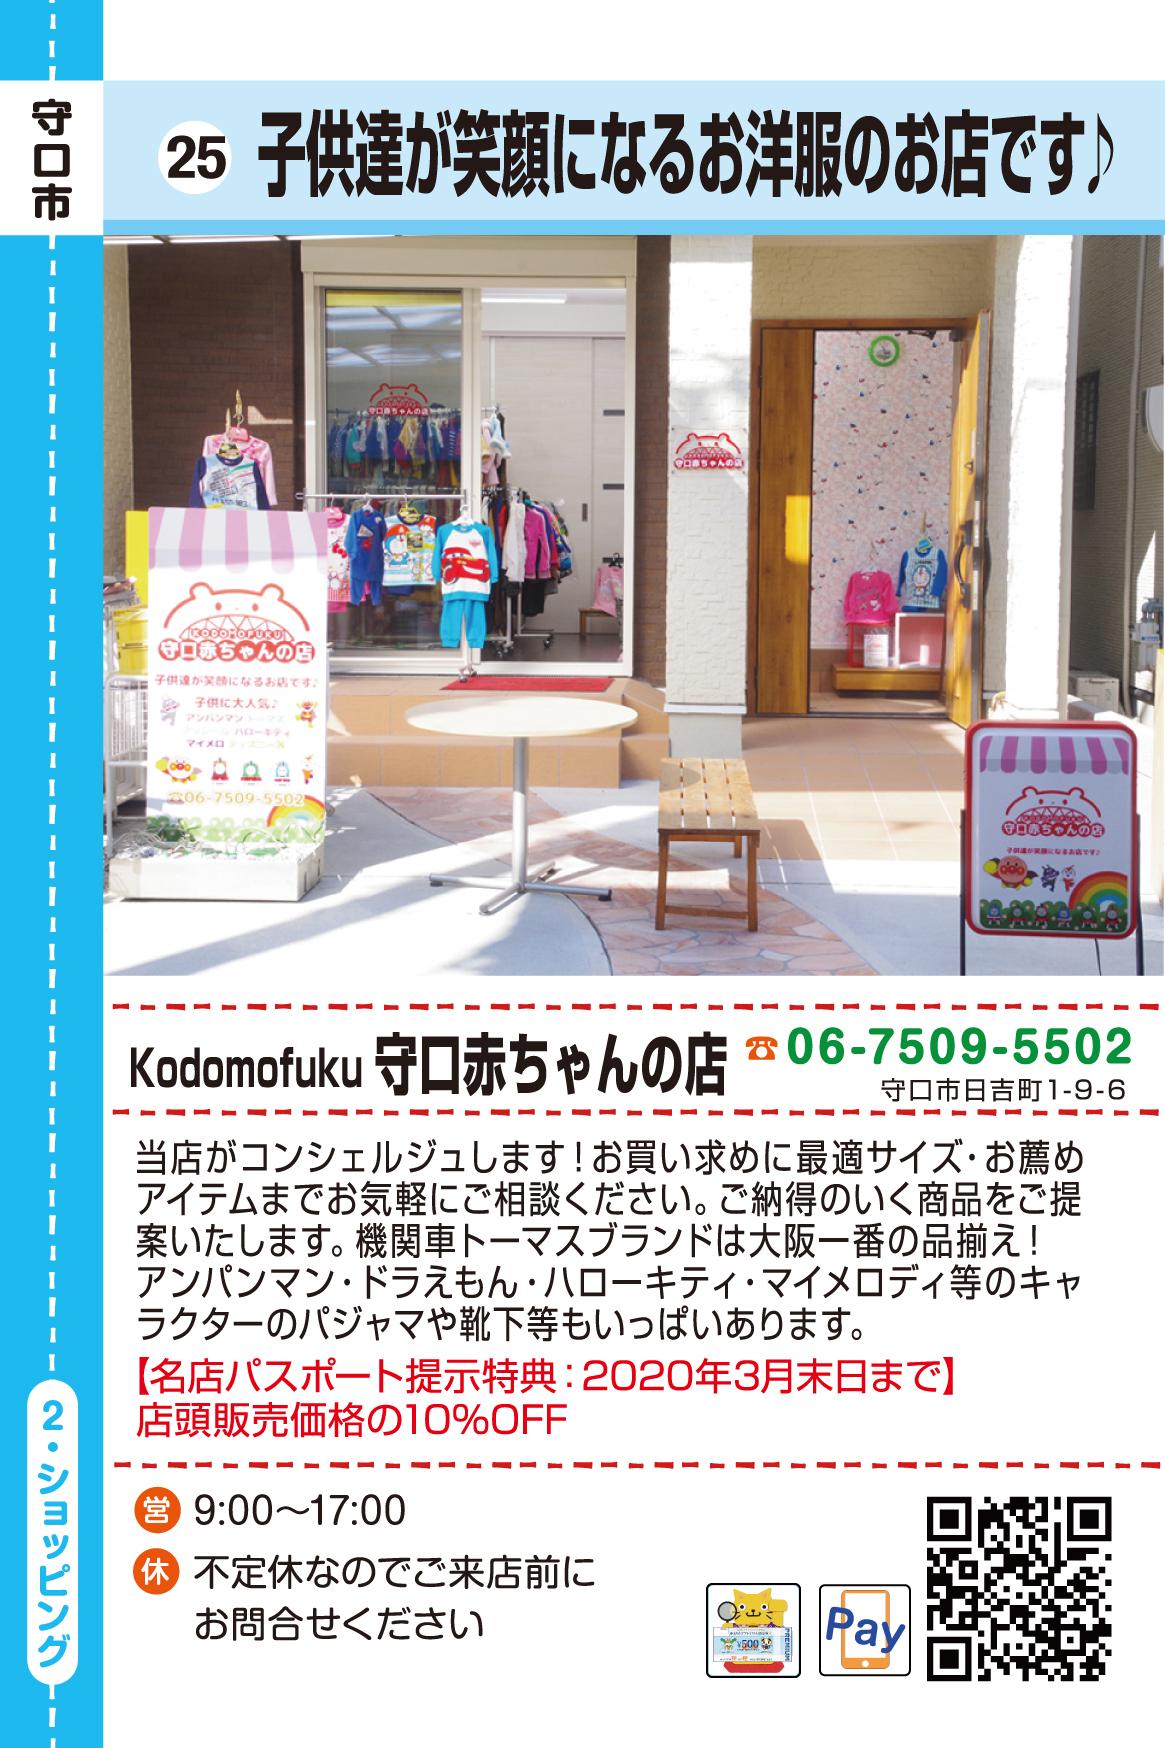 Kodomofuku 守口赤ちゃんの店